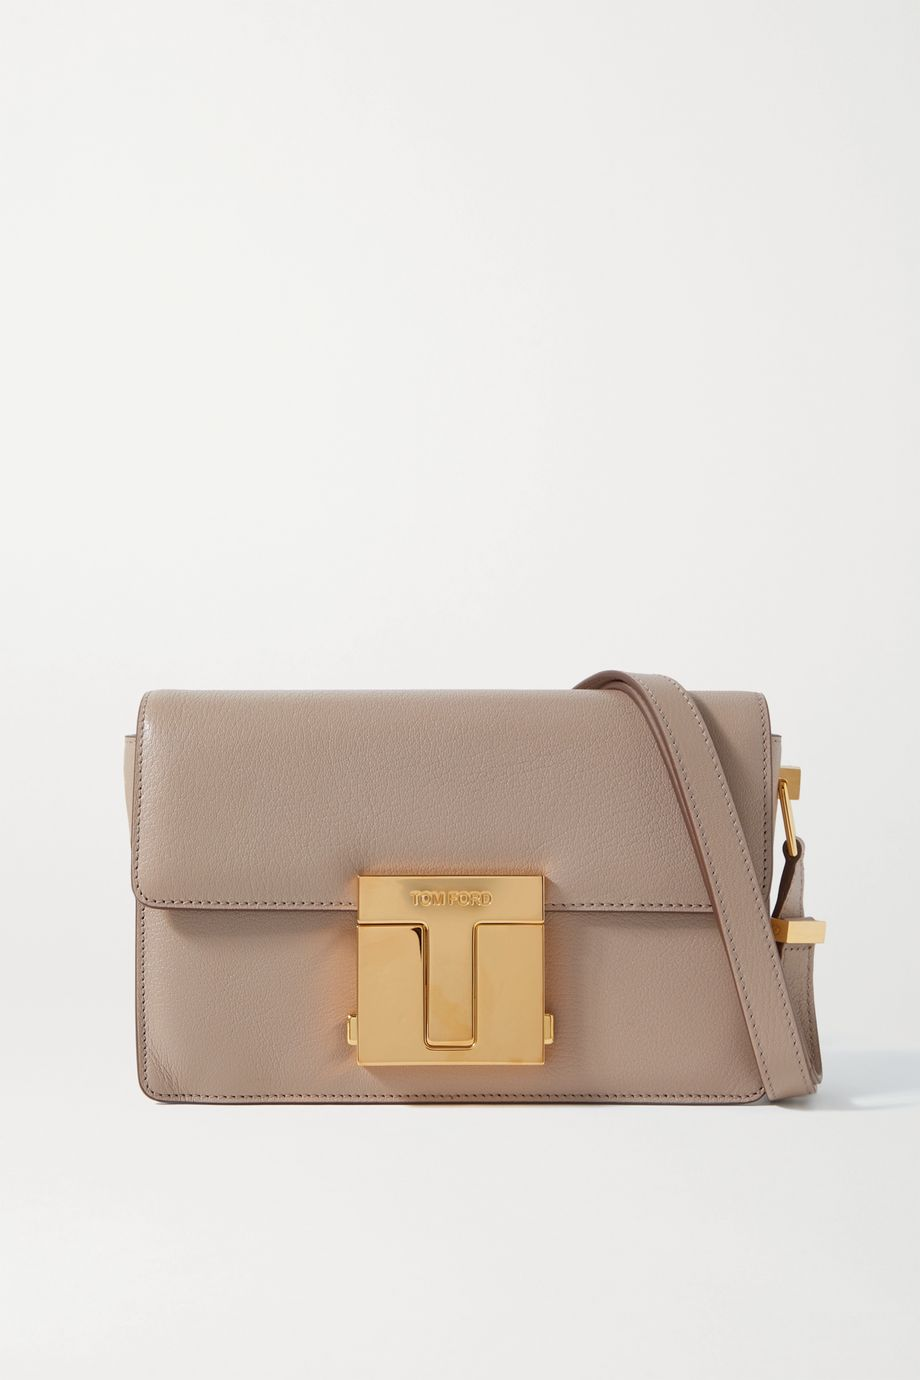 TOM FORD 001 medium leather shoulder bag